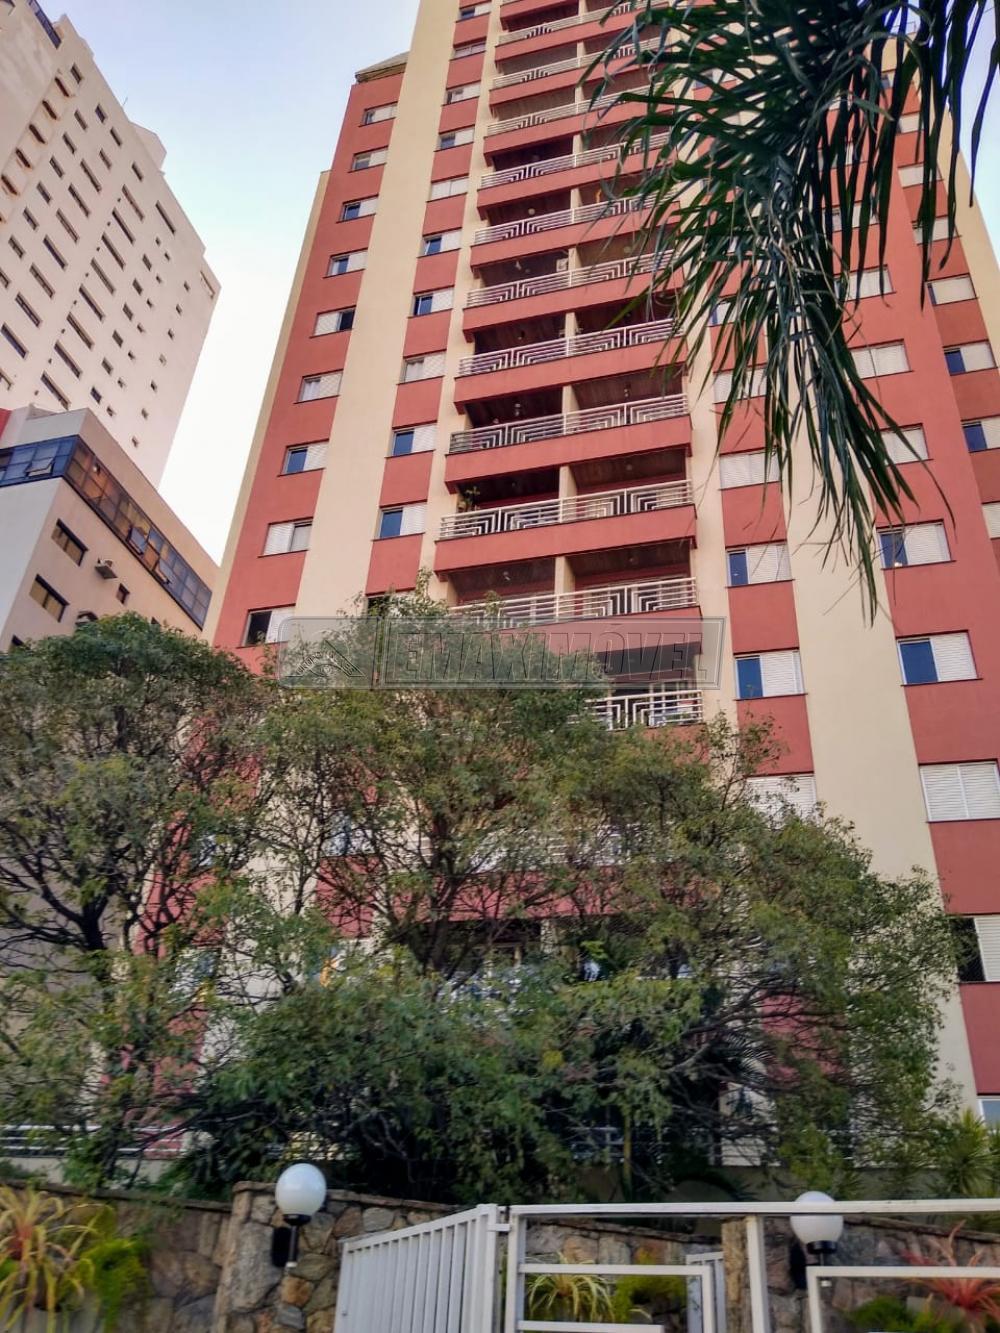 Comprar Apartamento / Padrão em Sorocaba R$ 1.166.000,00 - Foto 1